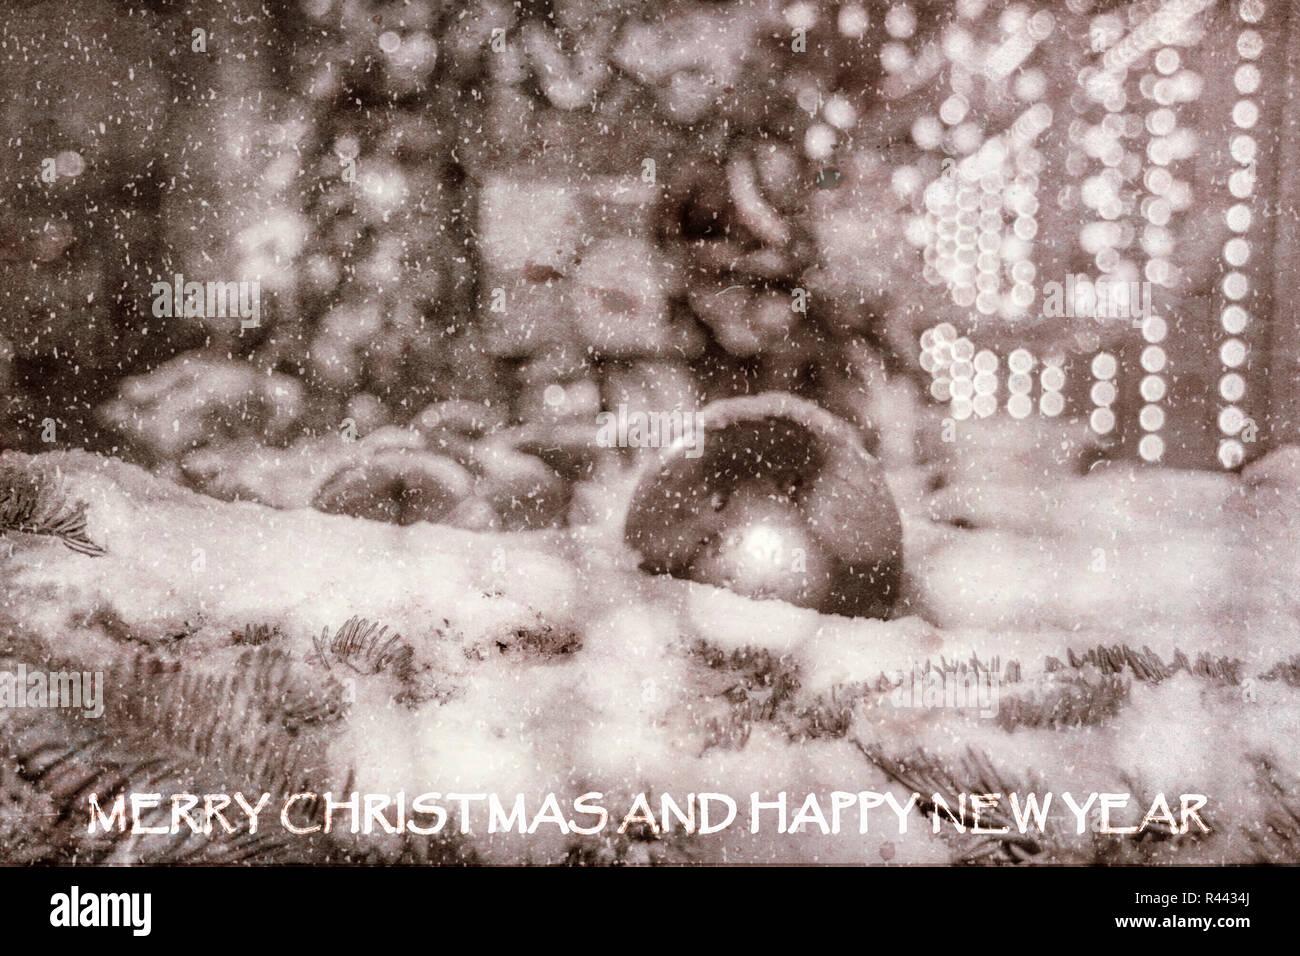 Le Noir Et Blanc Joyeux Noël Et Bonne Année Carte De Voeux